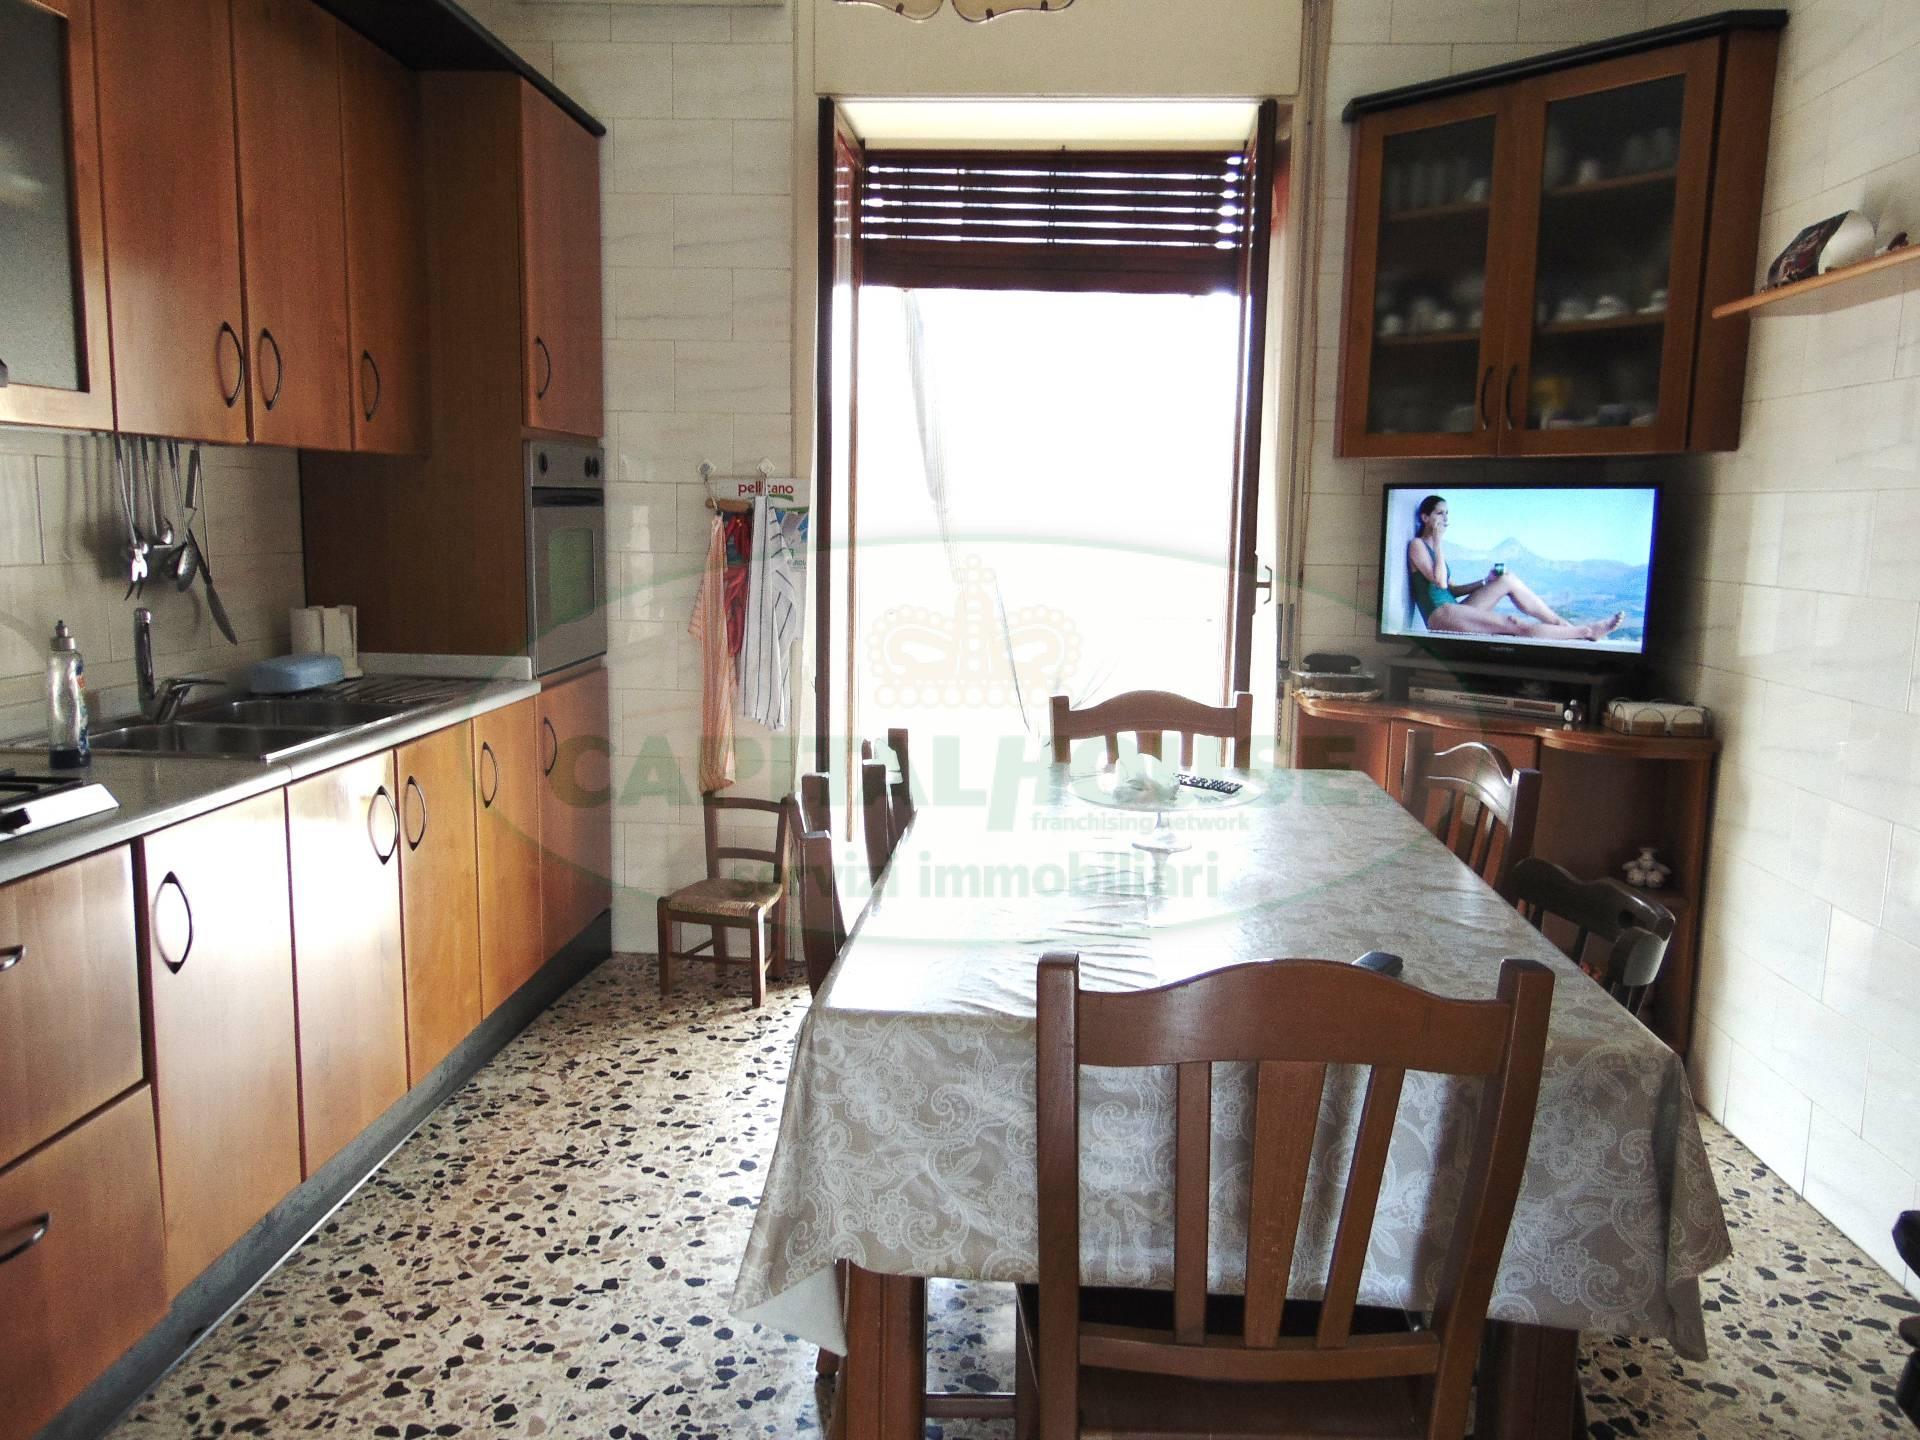 Appartamento in vendita a San Prisco, 3 locali, zona Località: ZonaCentrale, prezzo € 69.000 | CambioCasa.it